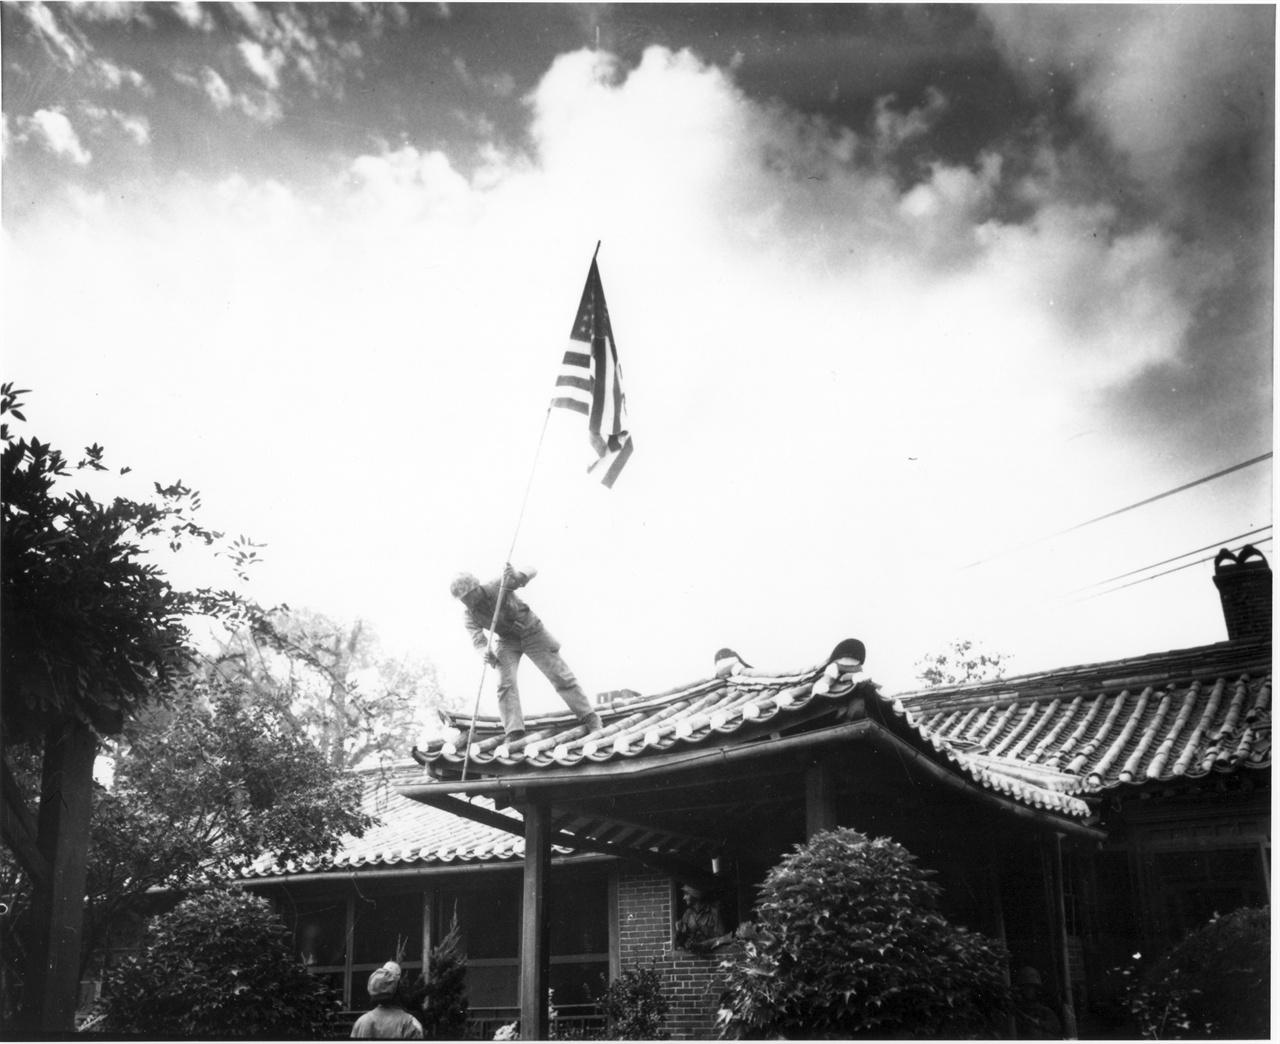 1950. 9. 27. 서울, 임시로 마련한 미 영사관에 성조기를 세우고 있다.